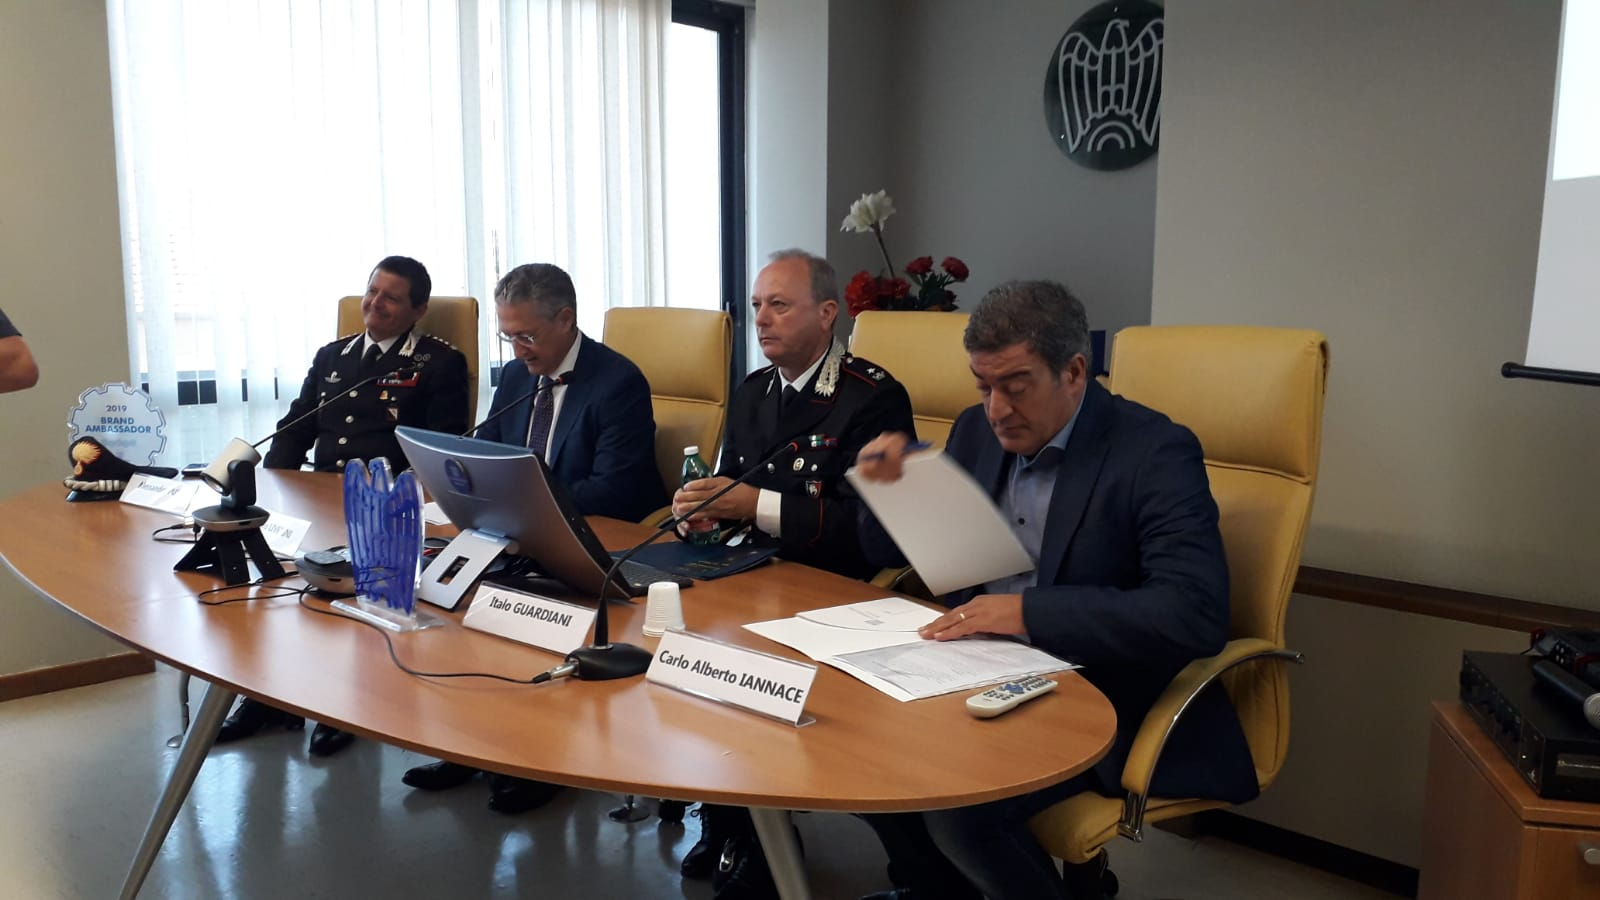 Benevento| Carabinieri e tutela ambiente: focus a Confindustria